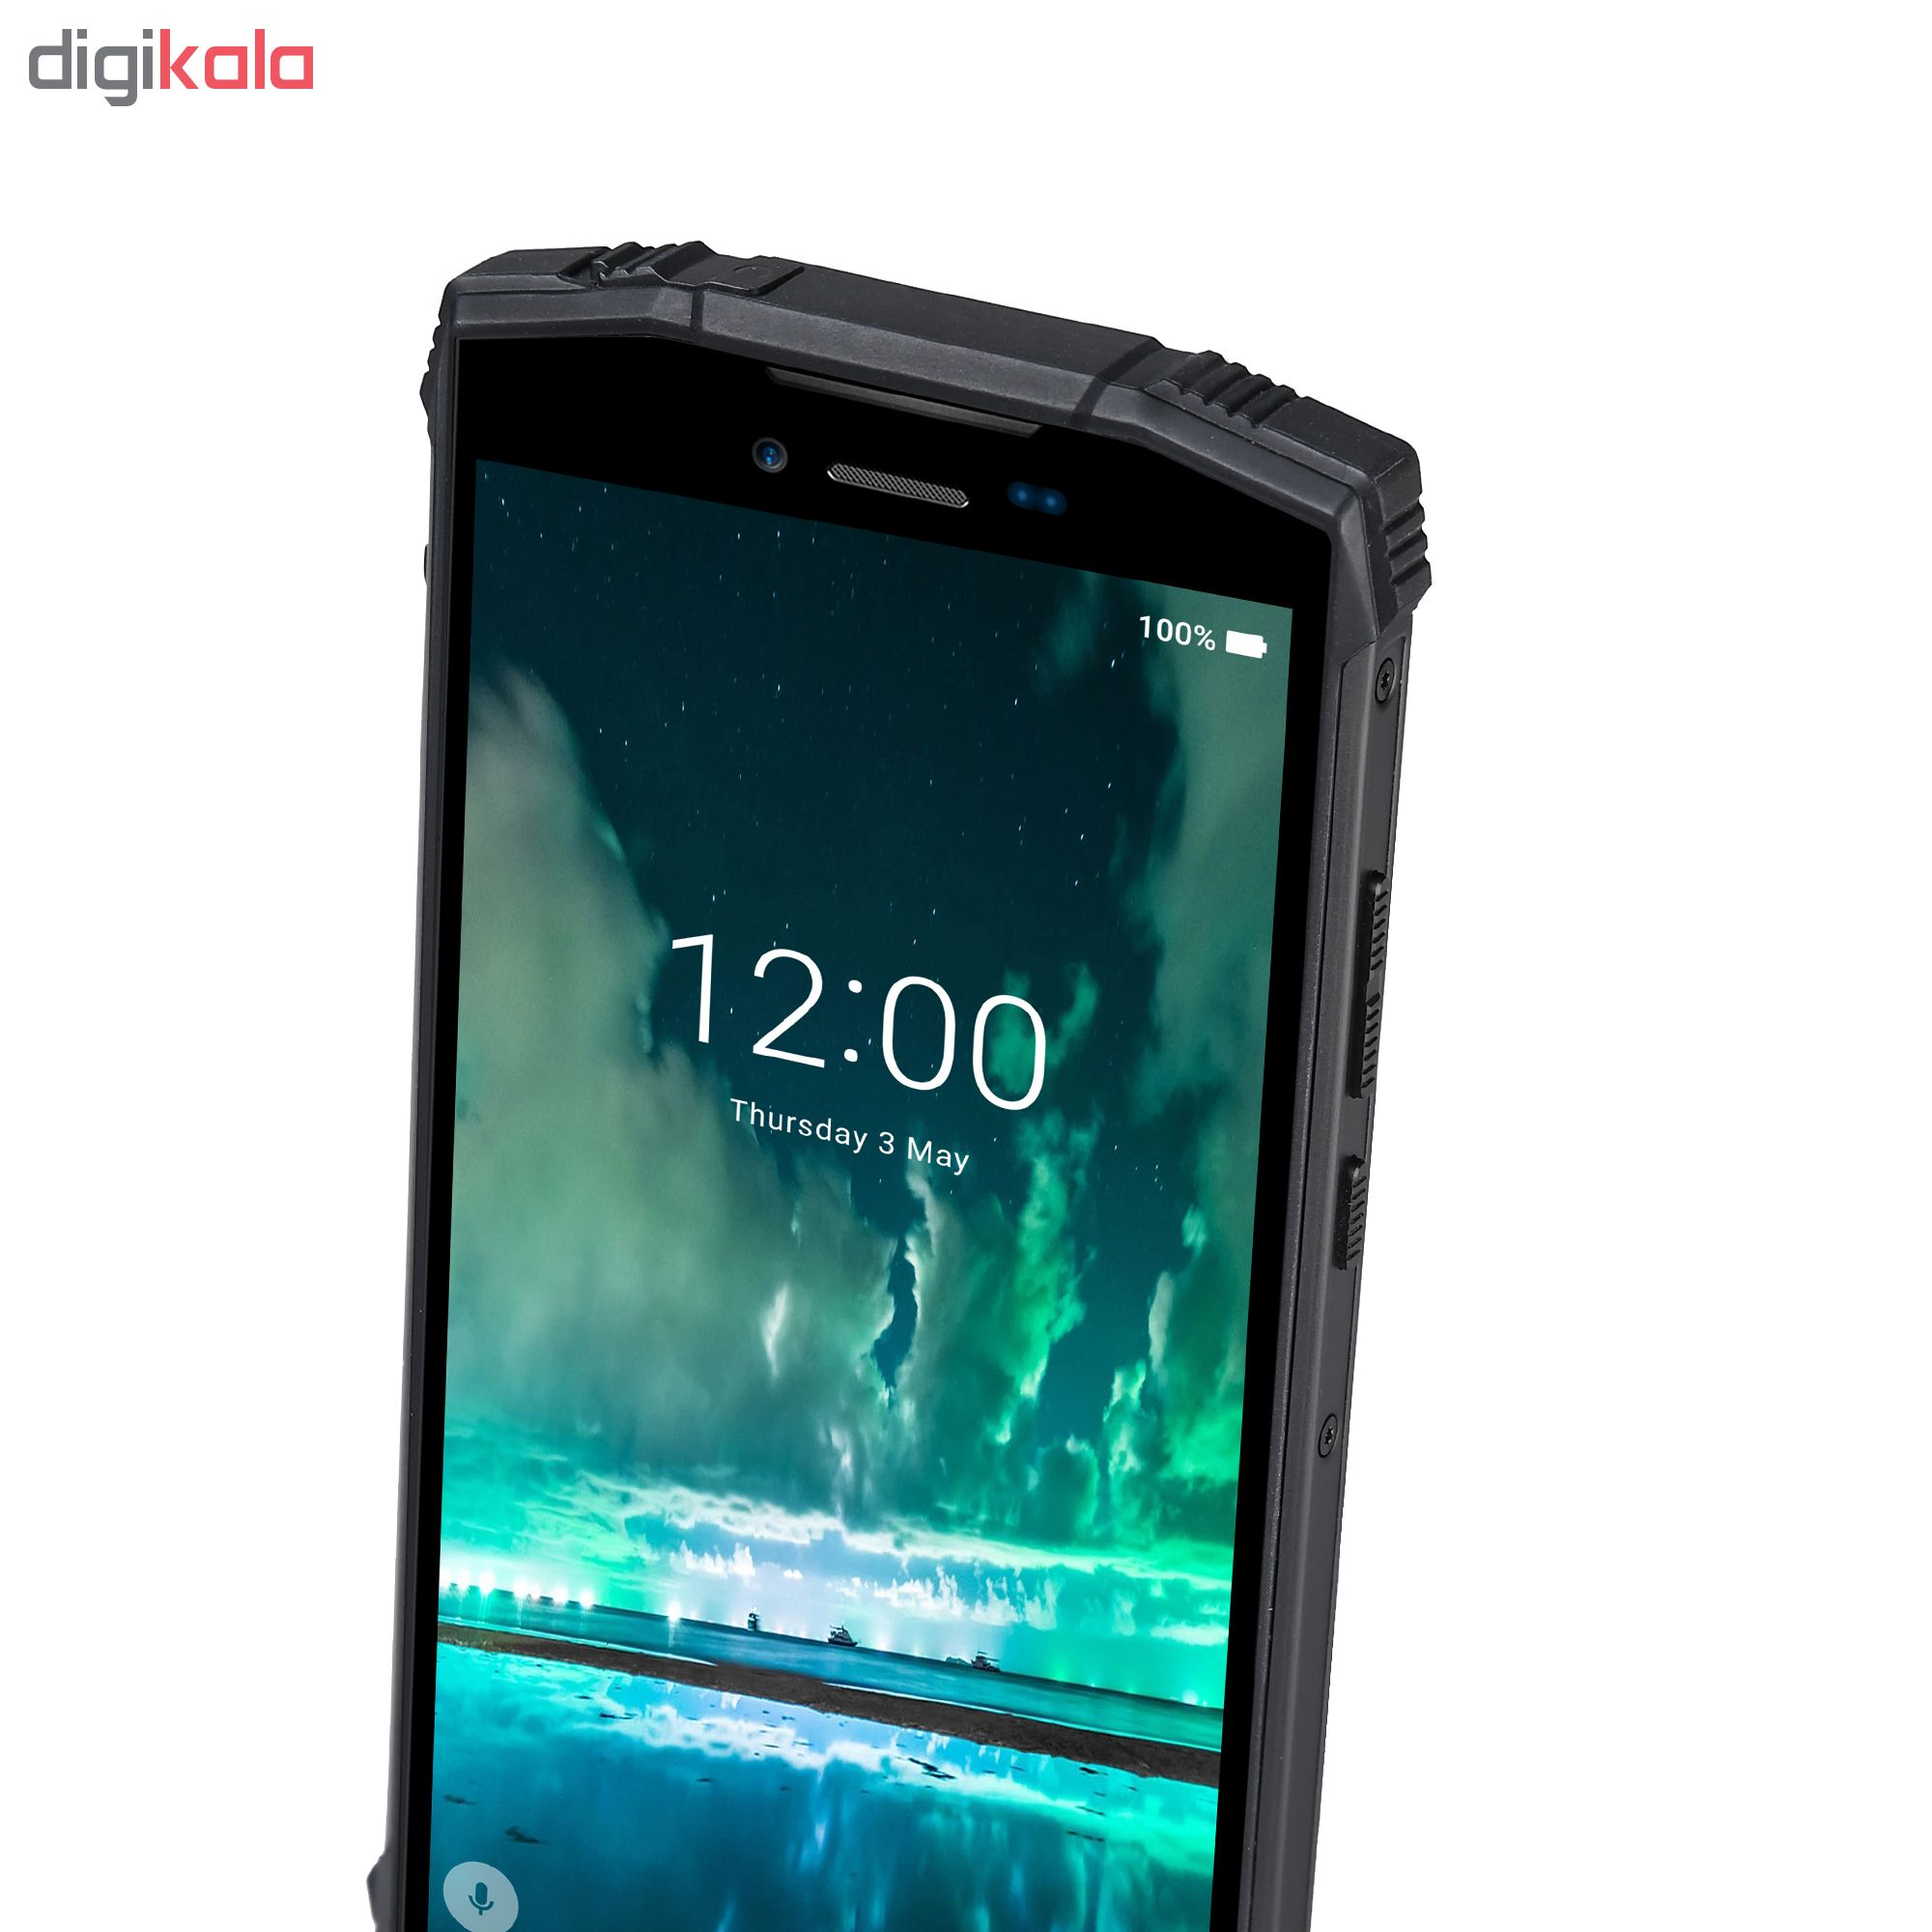 گوشی موبایل دوجی مدلS55 دو سیم کارت